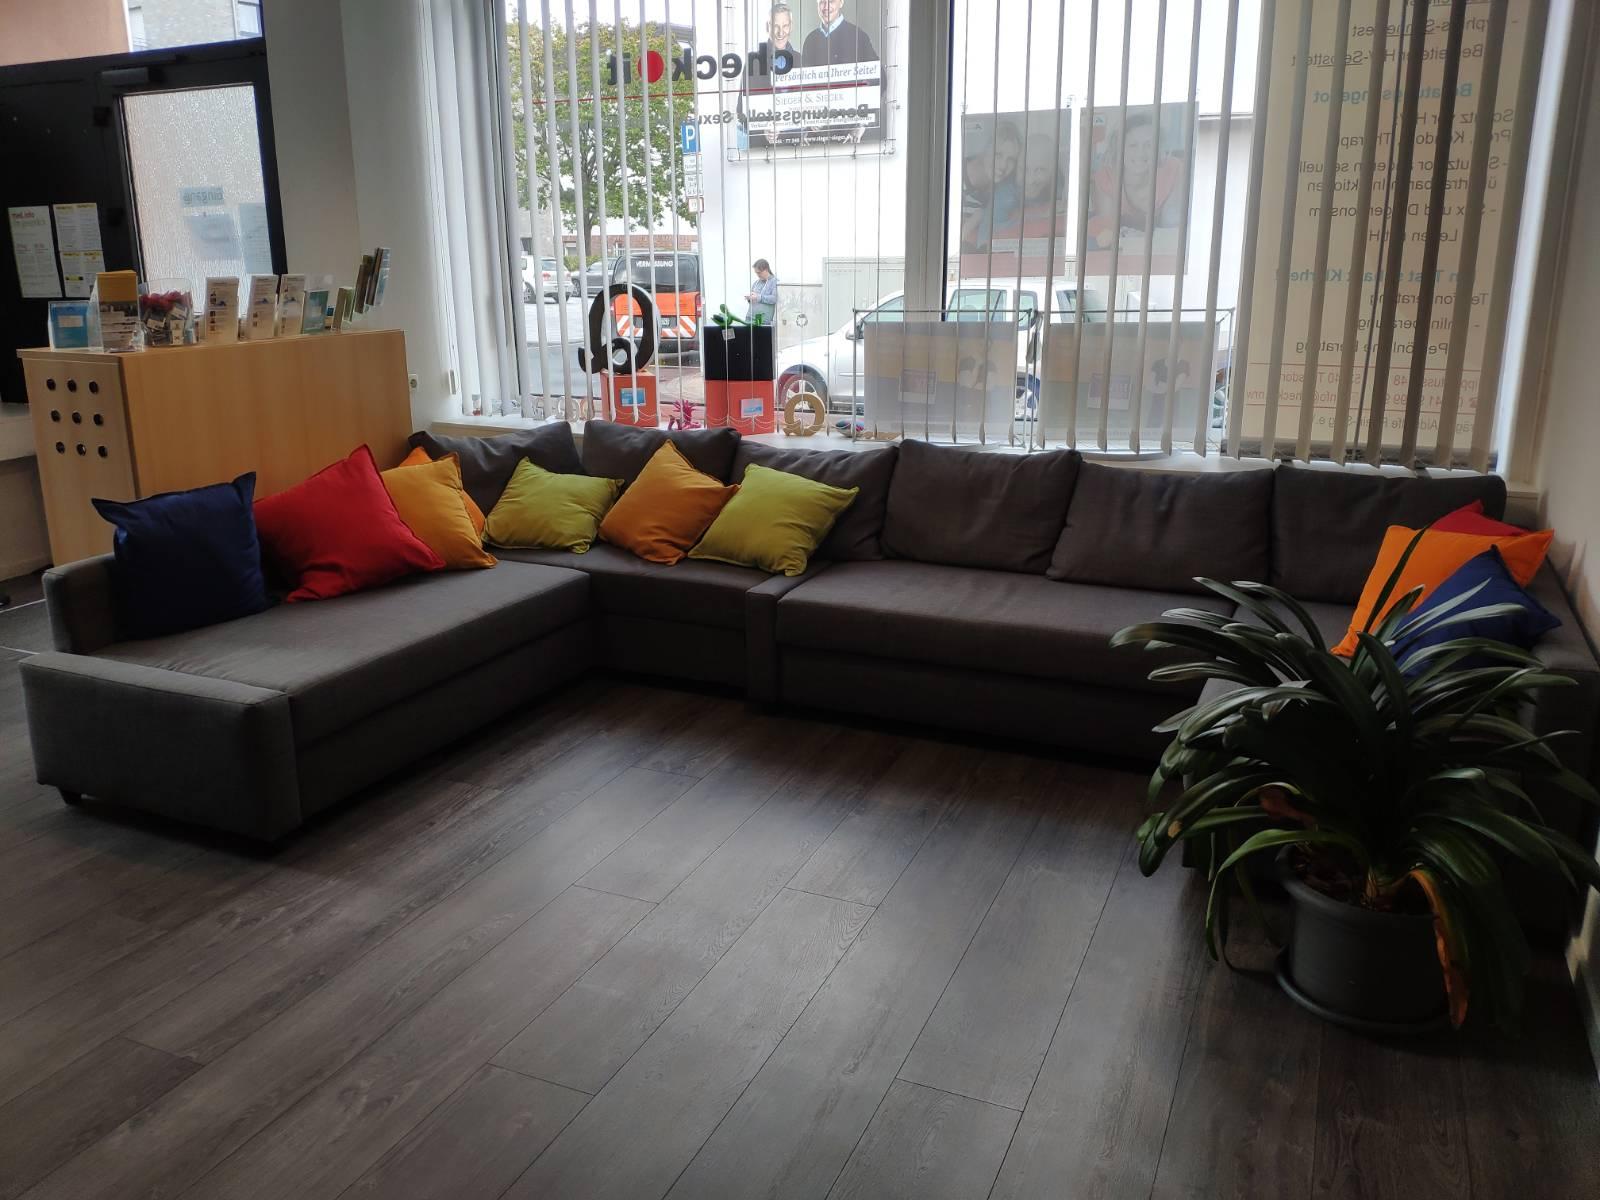 Das Bild zeigt eine graue Sofa-Ecke mit bunten Kissen drauf die vor einem großen Fenster steht